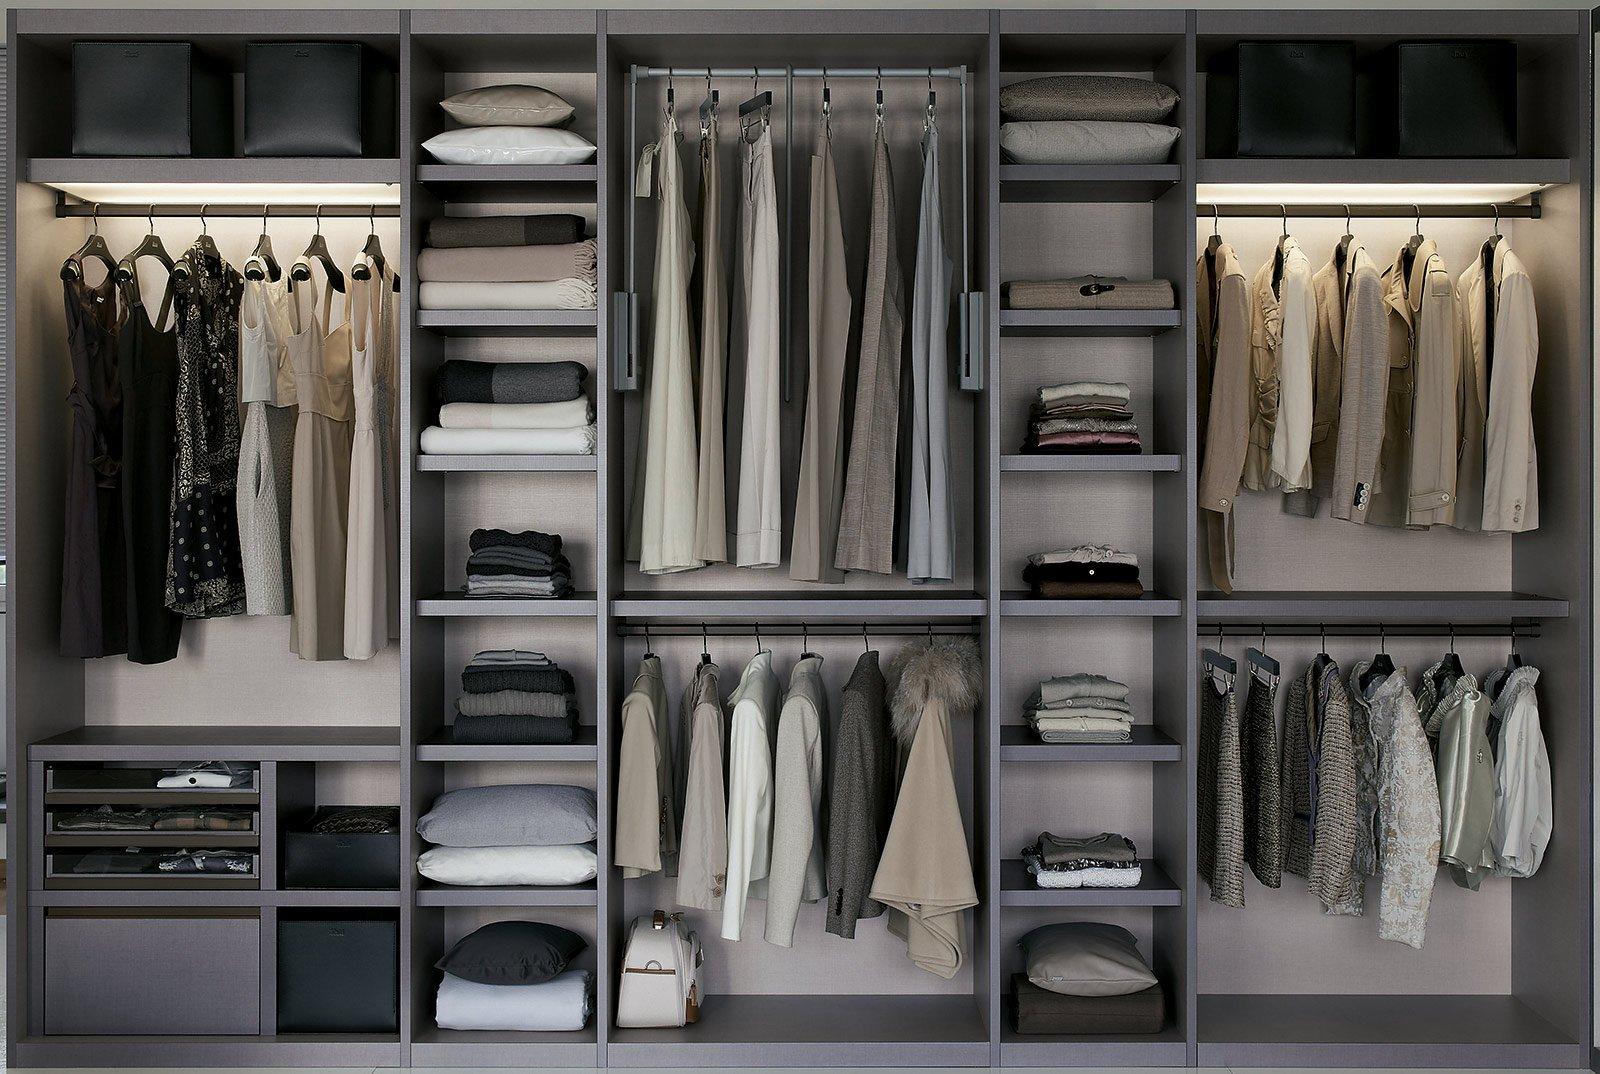 ikea interni cabine armadio : Cabine armadio come su misura - Cose di Casa